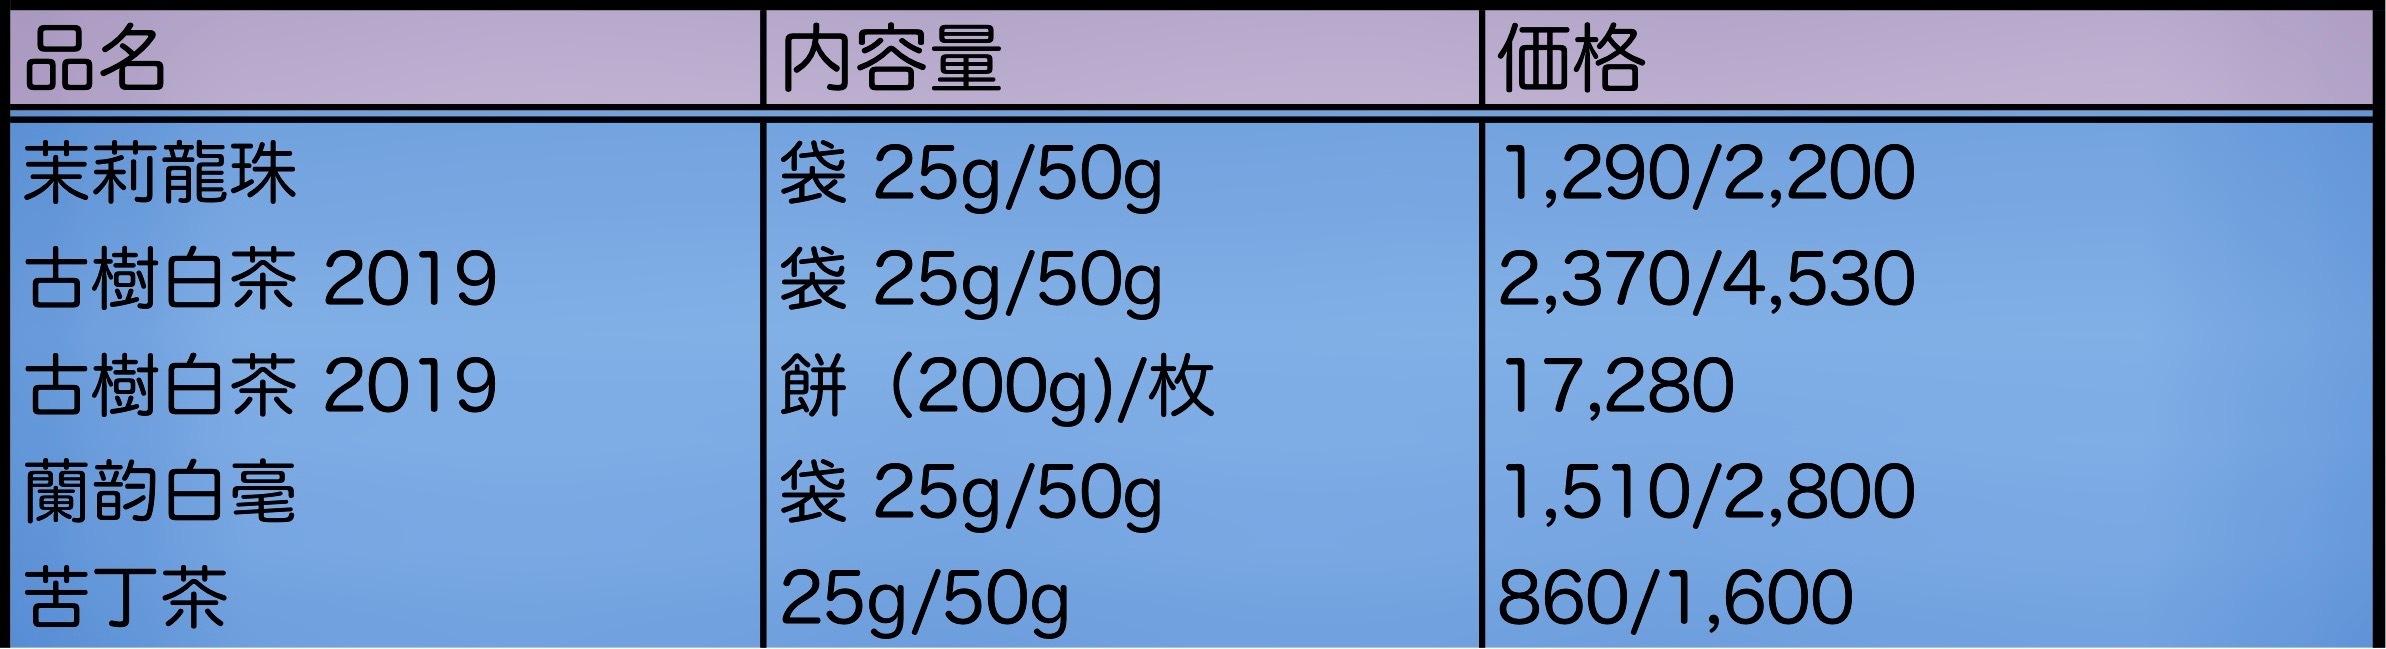 茶譜 2021年5月 ー岩茶以外_b0151300_16570393.jpeg